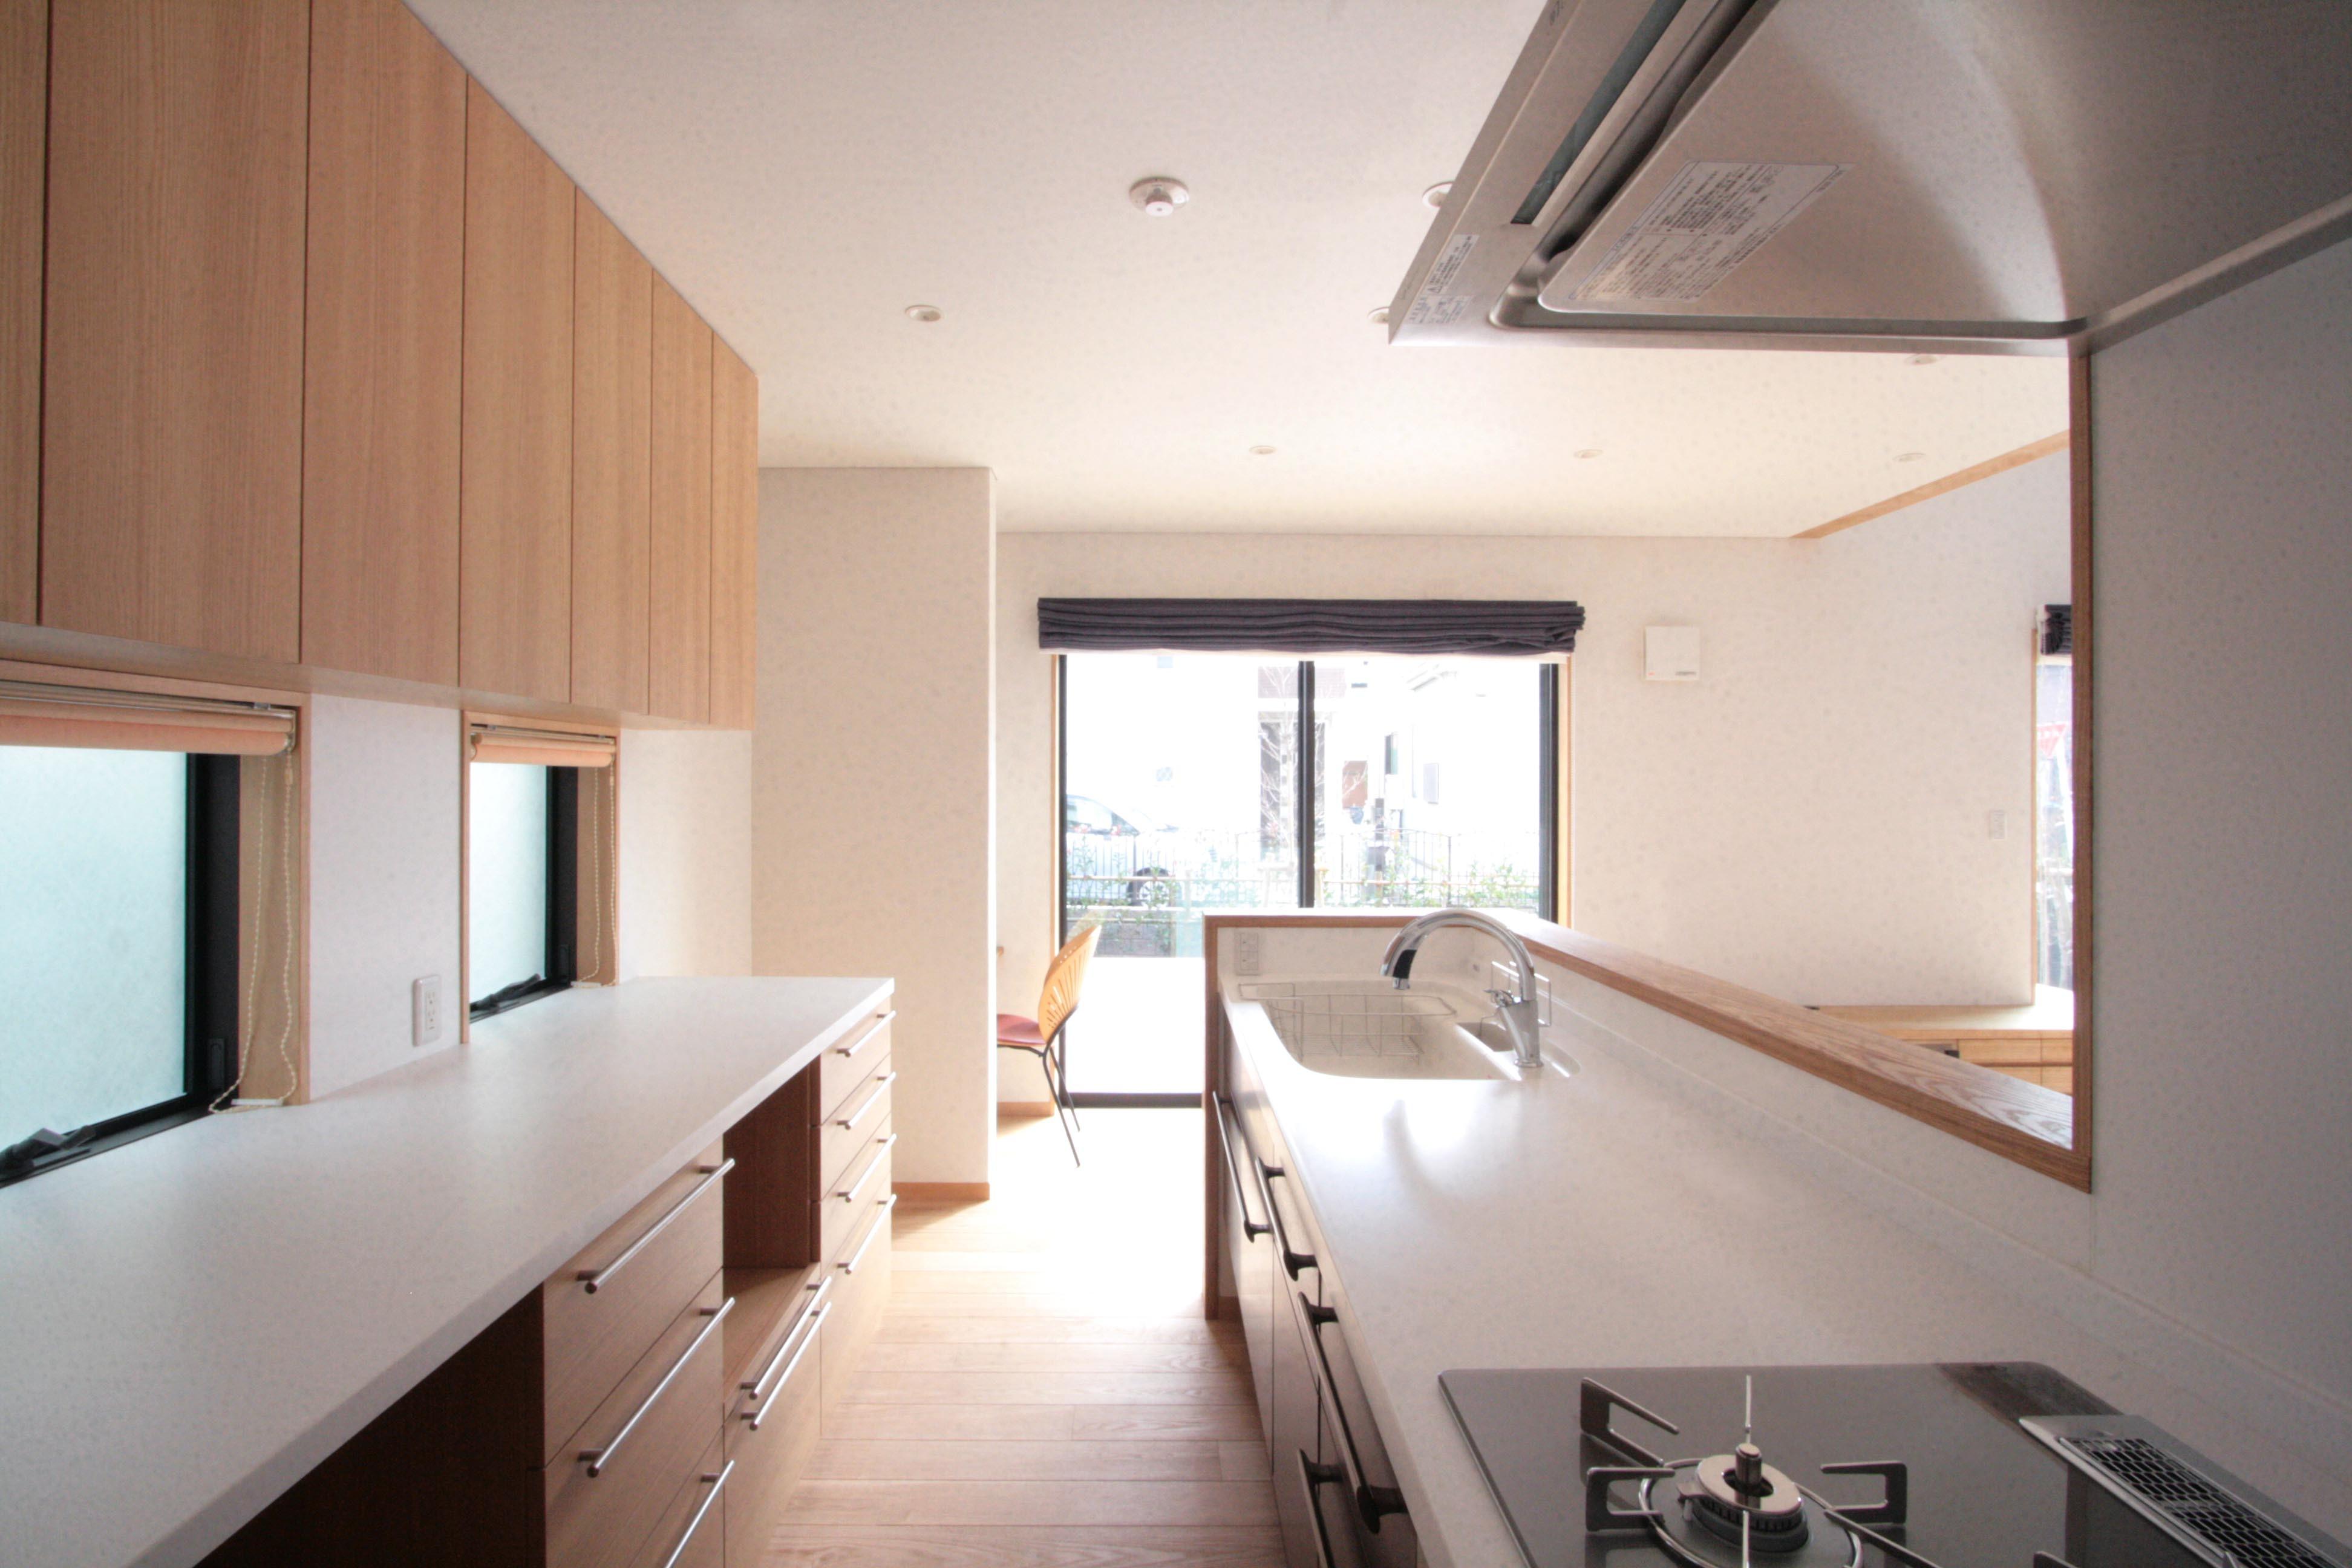 キッチン事例:キッチン(食品庫より望む)(大泉学園の家(薪ストーブを設けた吹抜けを中心とした自然素材の家))